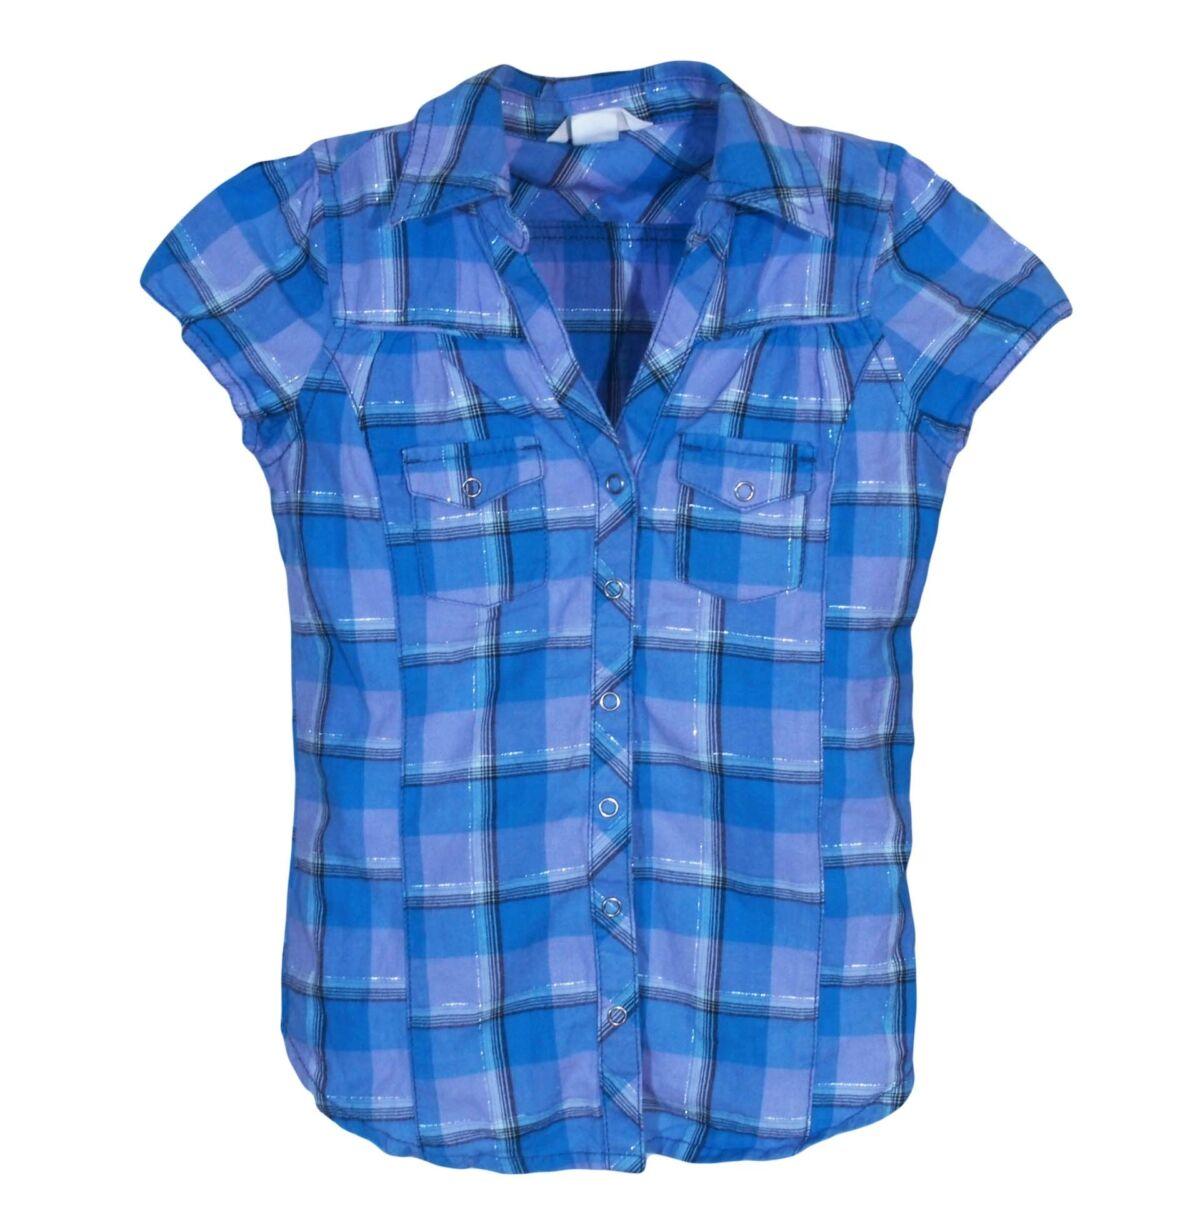 266927a845 Kék kockás blúz (9-10 év). Gyártó: H&M